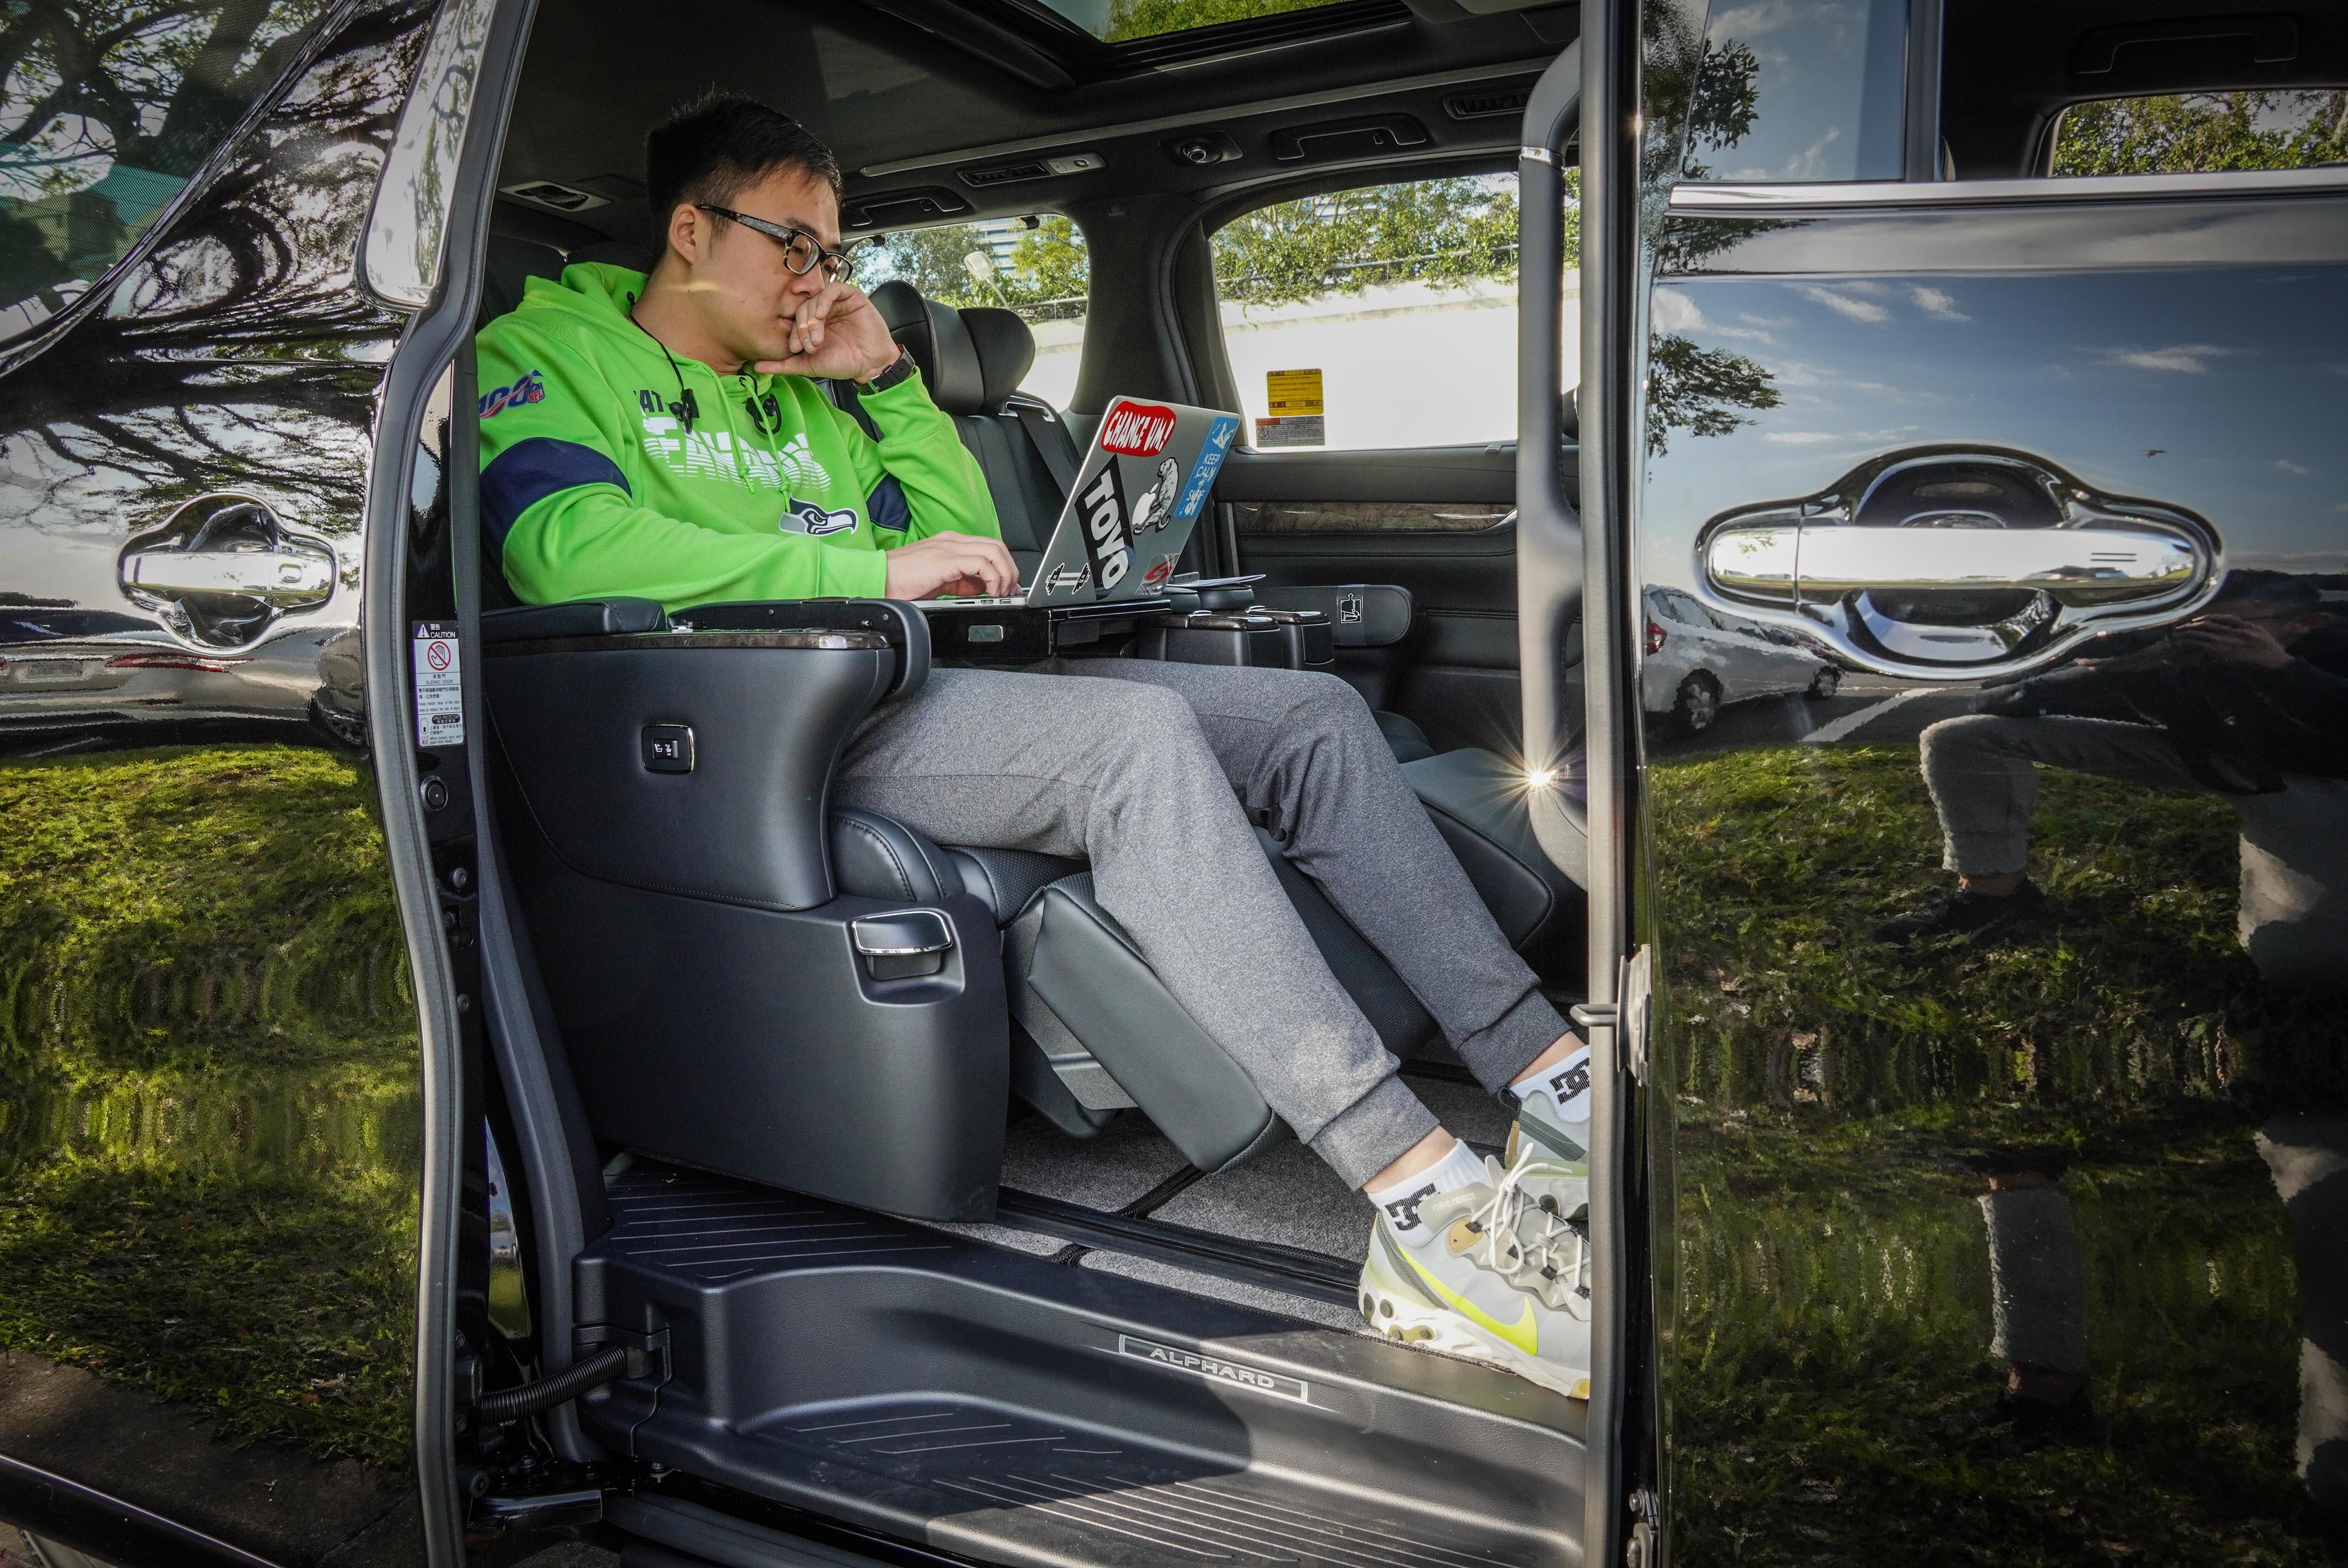 舒適的第二排座椅空間,以身高 188cm 乘客示範,顯示空間相當寬裕。